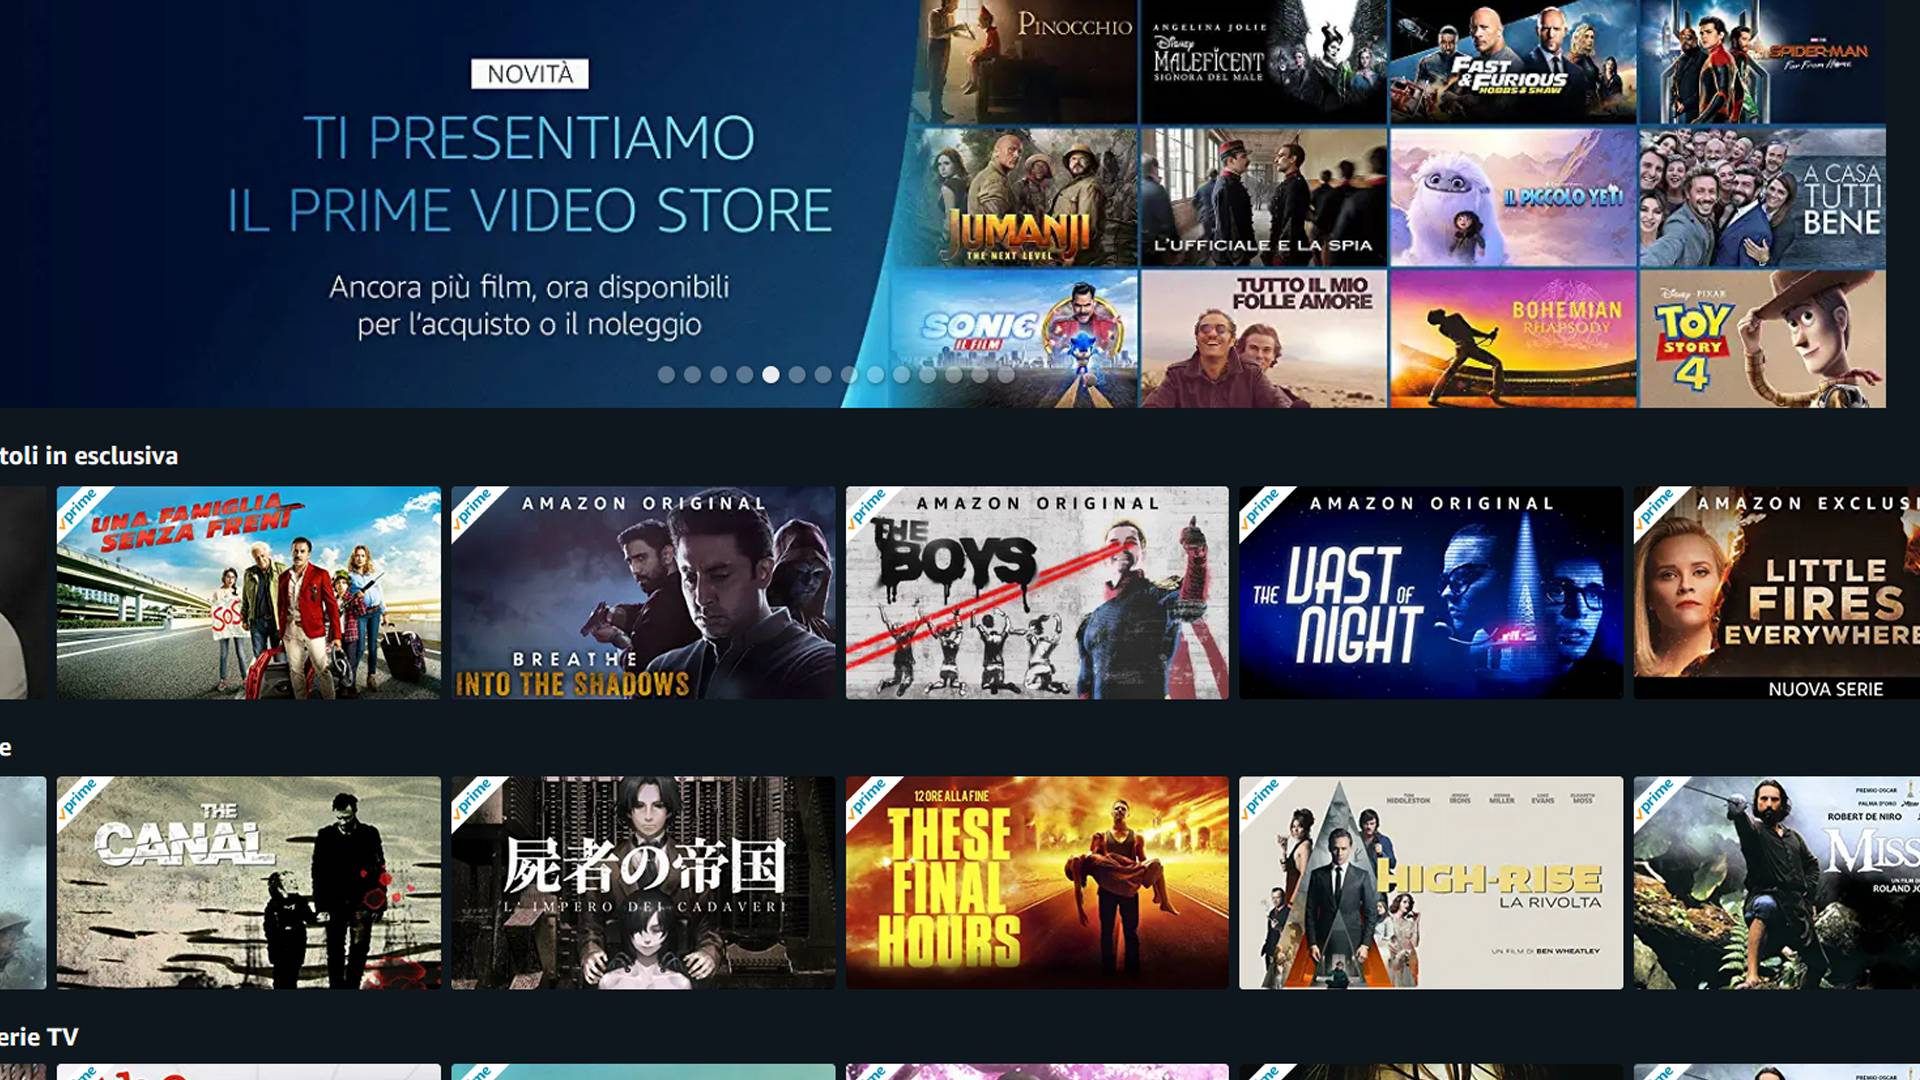 Amazon Prime Video agosto